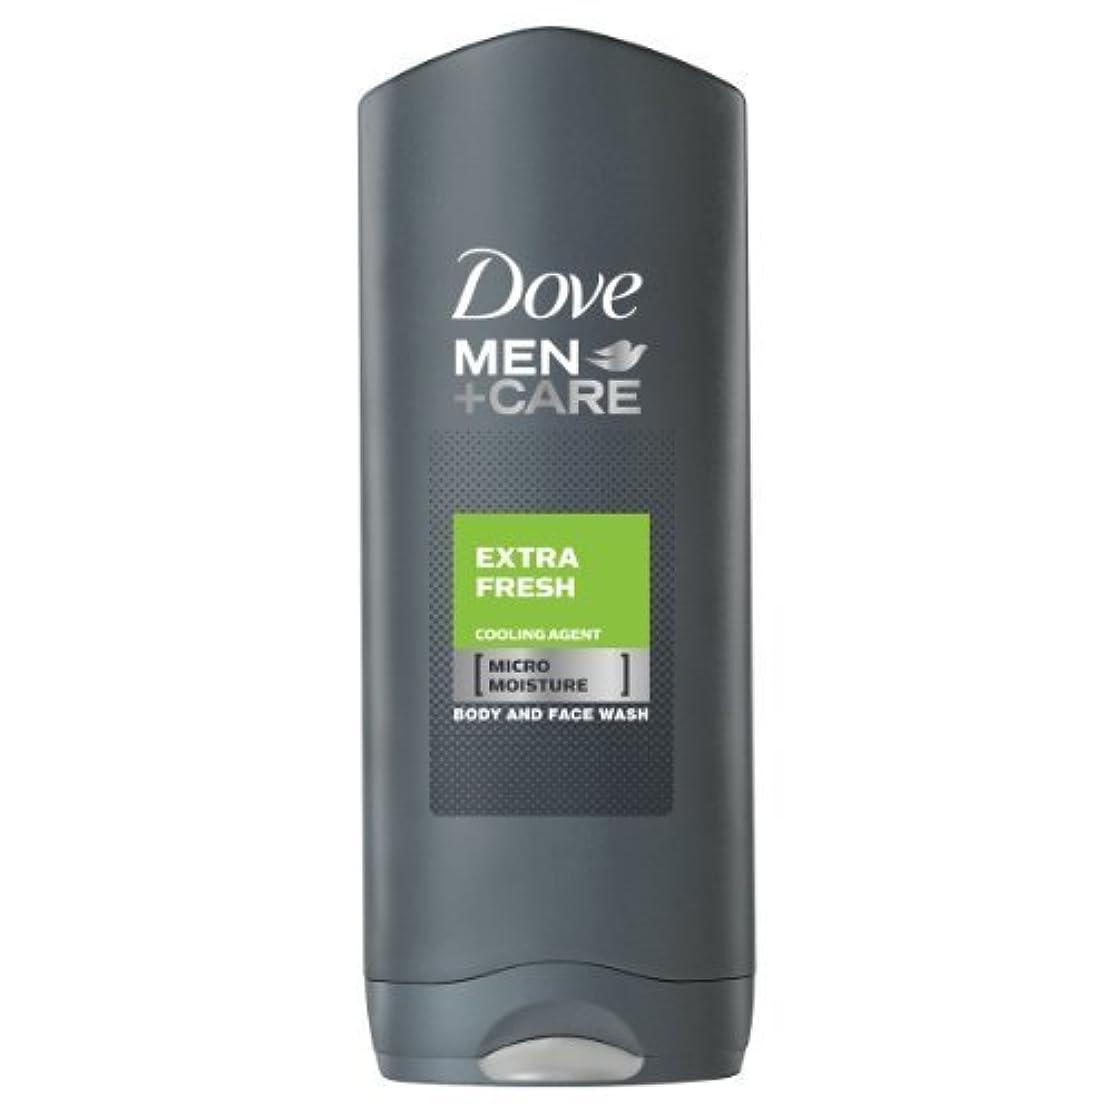 患者ラテン地殻Dove for Men Extra Fresh Body and Face Wash 250 ml by Dove [並行輸入品]